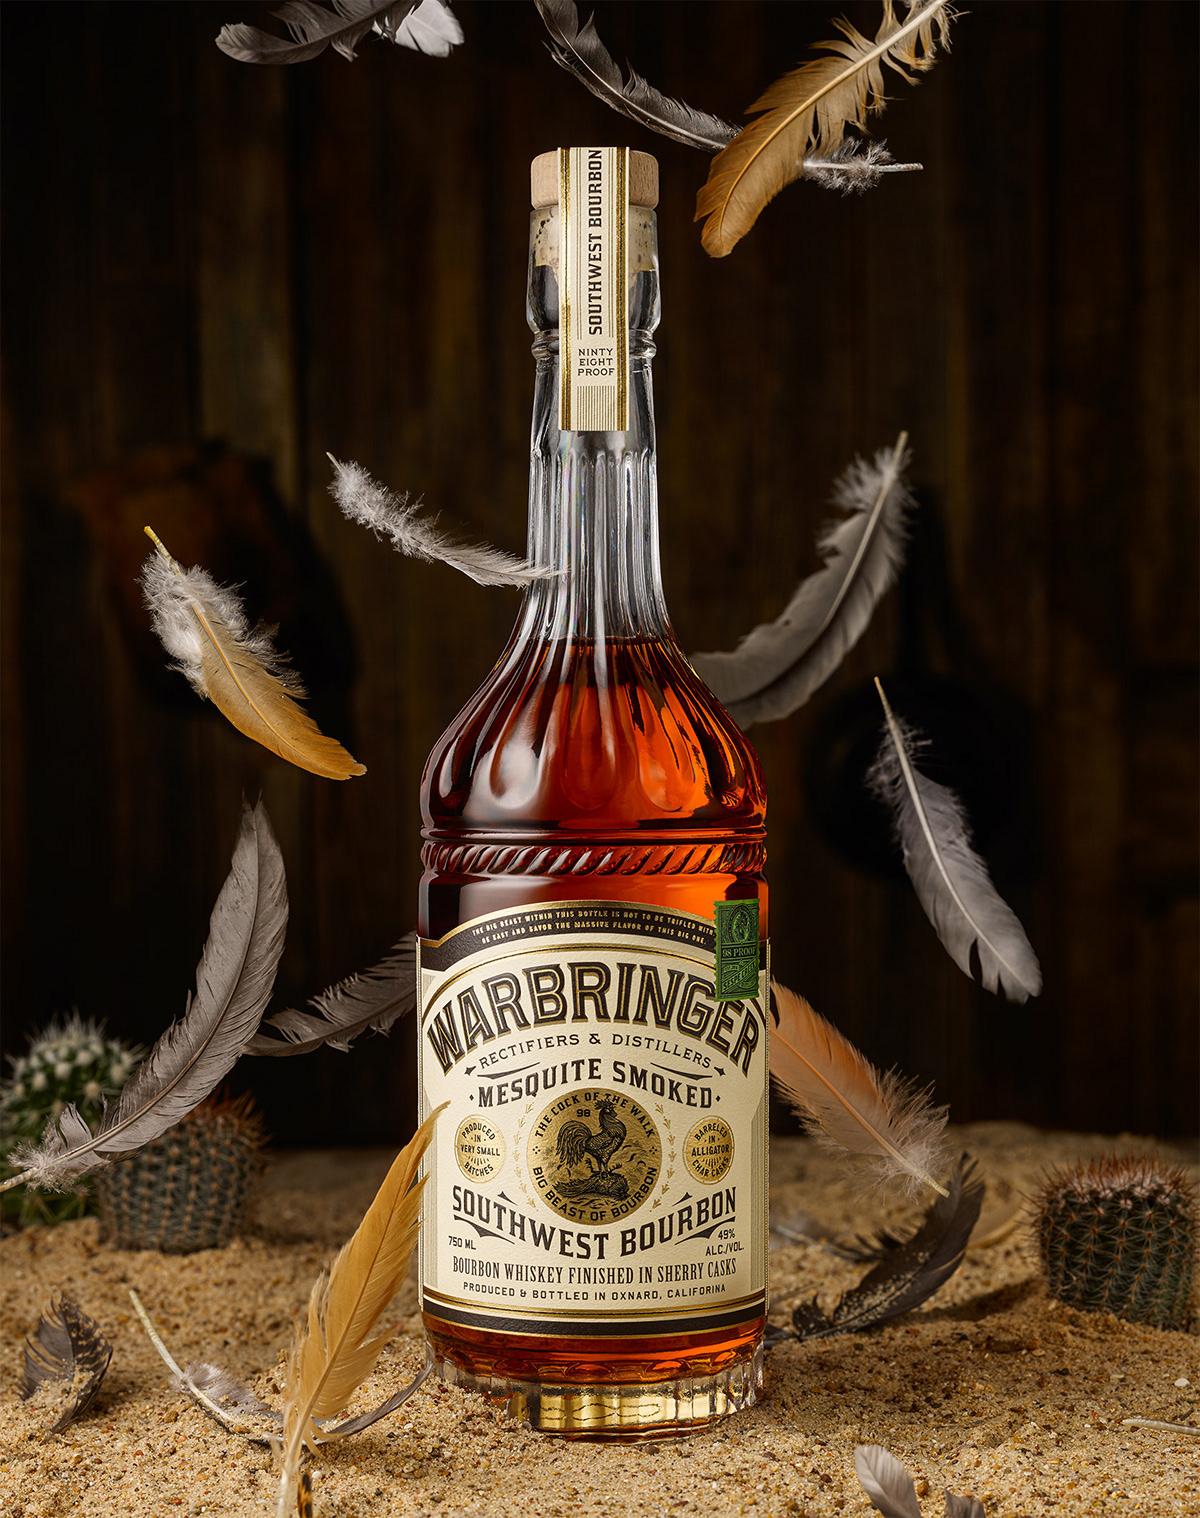 chicken bourbon bottle gold foil western southwest Whiskey liquor type logo